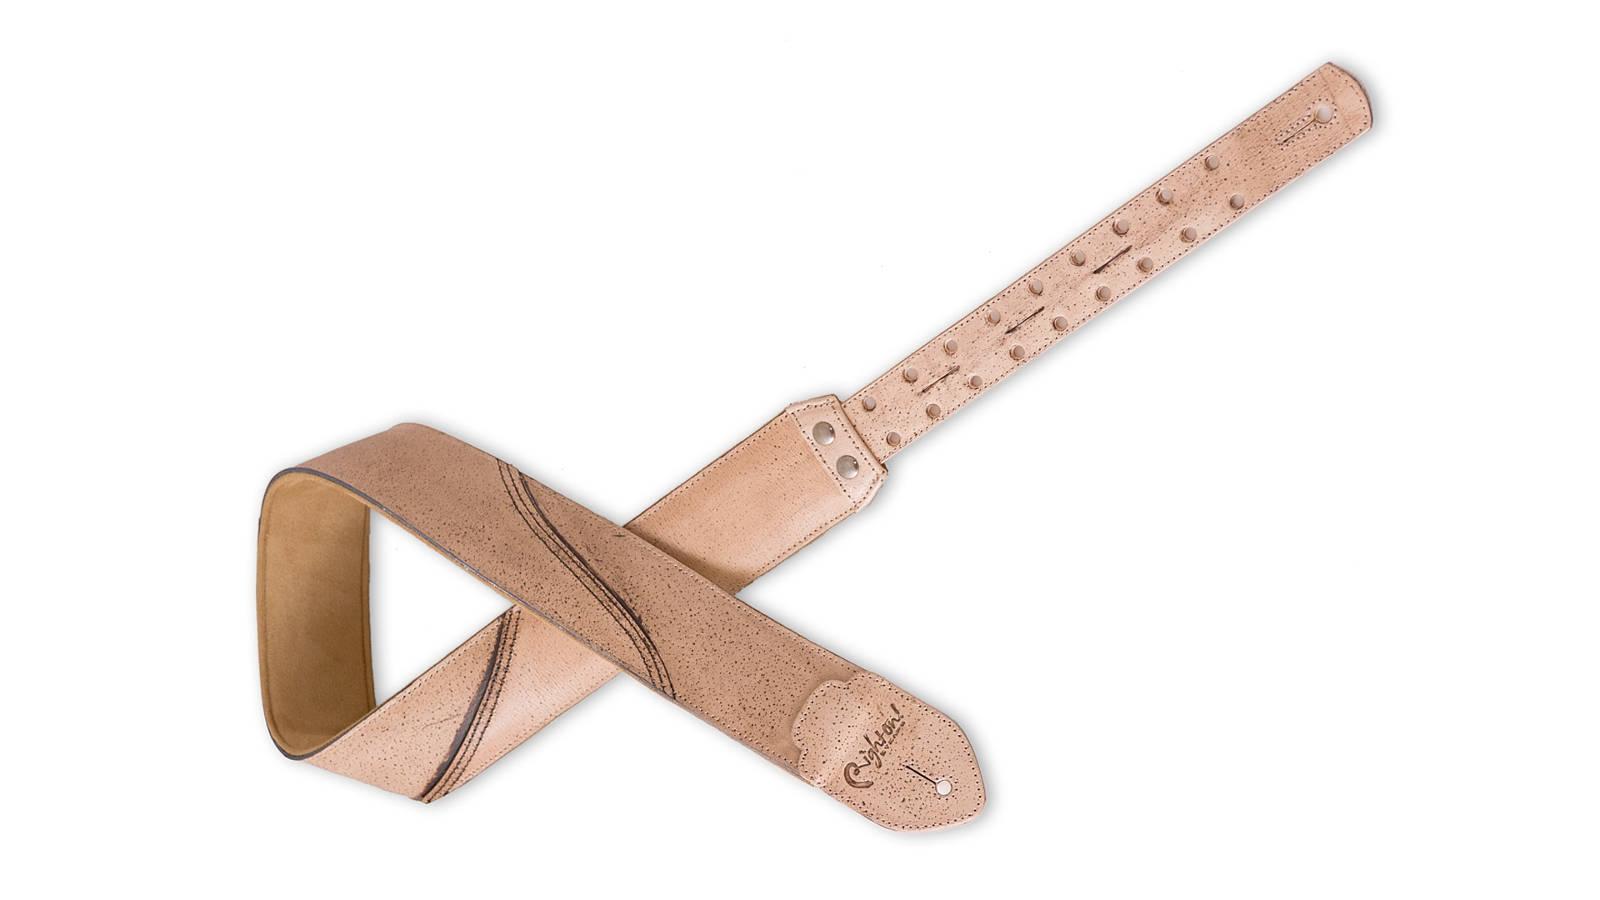 Righton Straps Leathercraft Freckled Beige Gurt